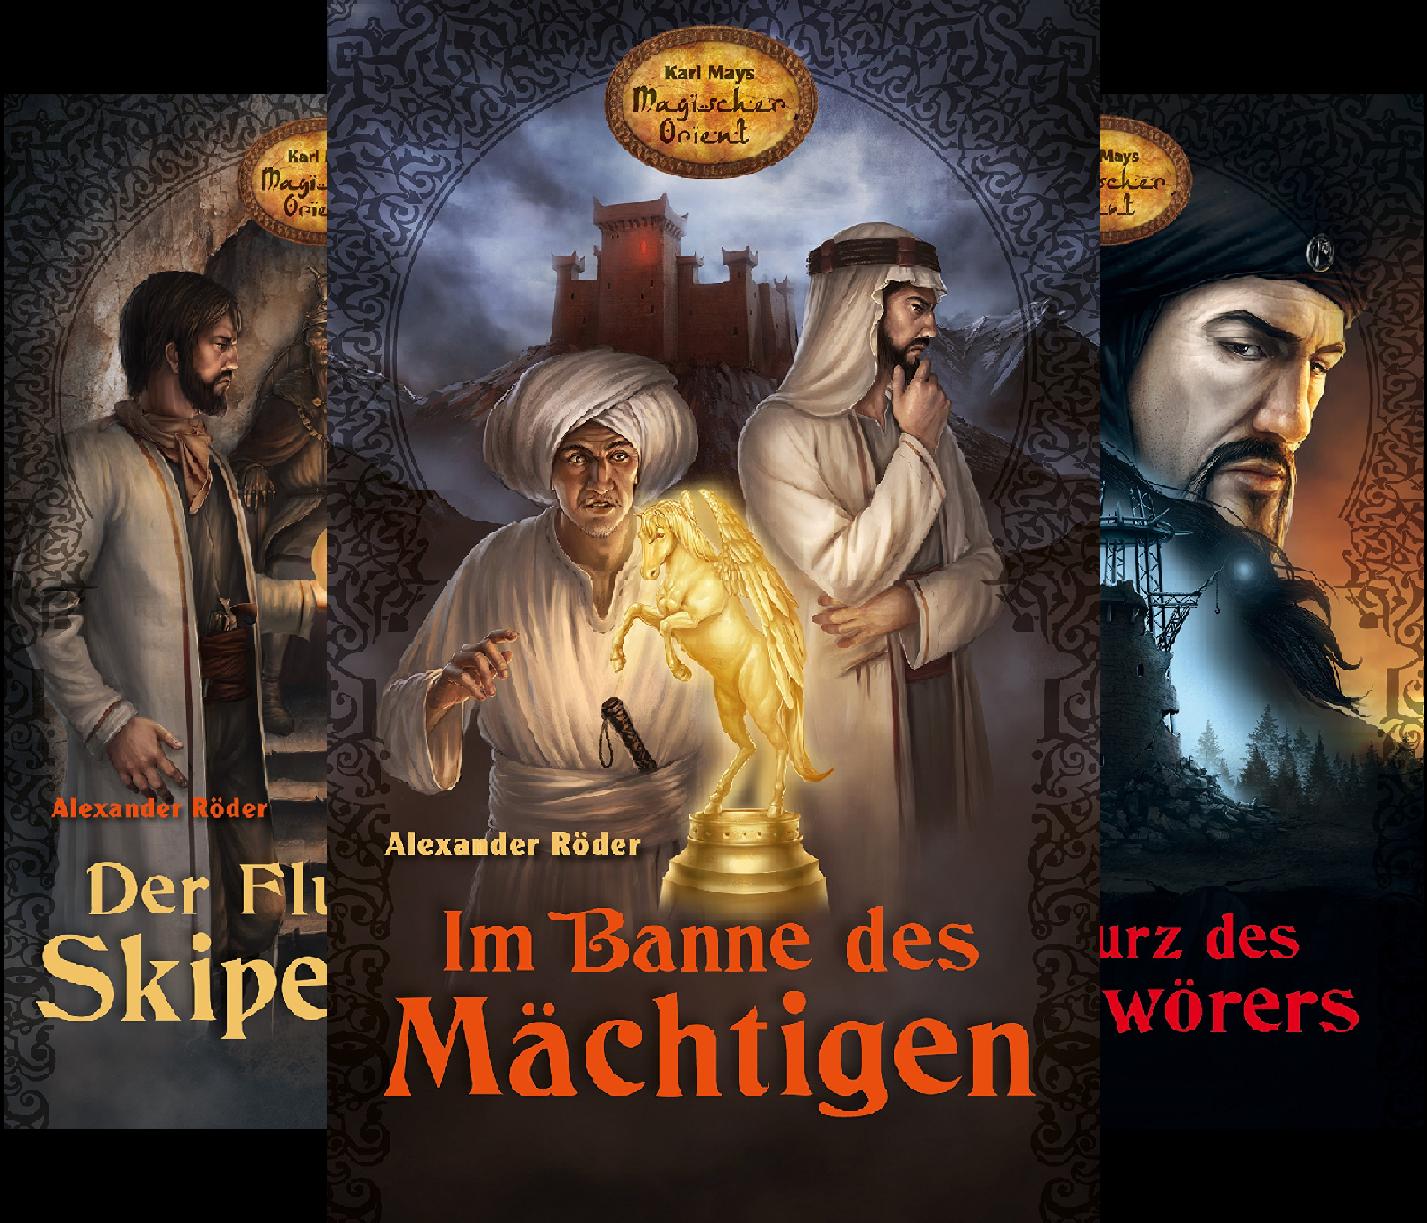 Karl Mays Magischer Orient (Reihe in 7 Bänden)